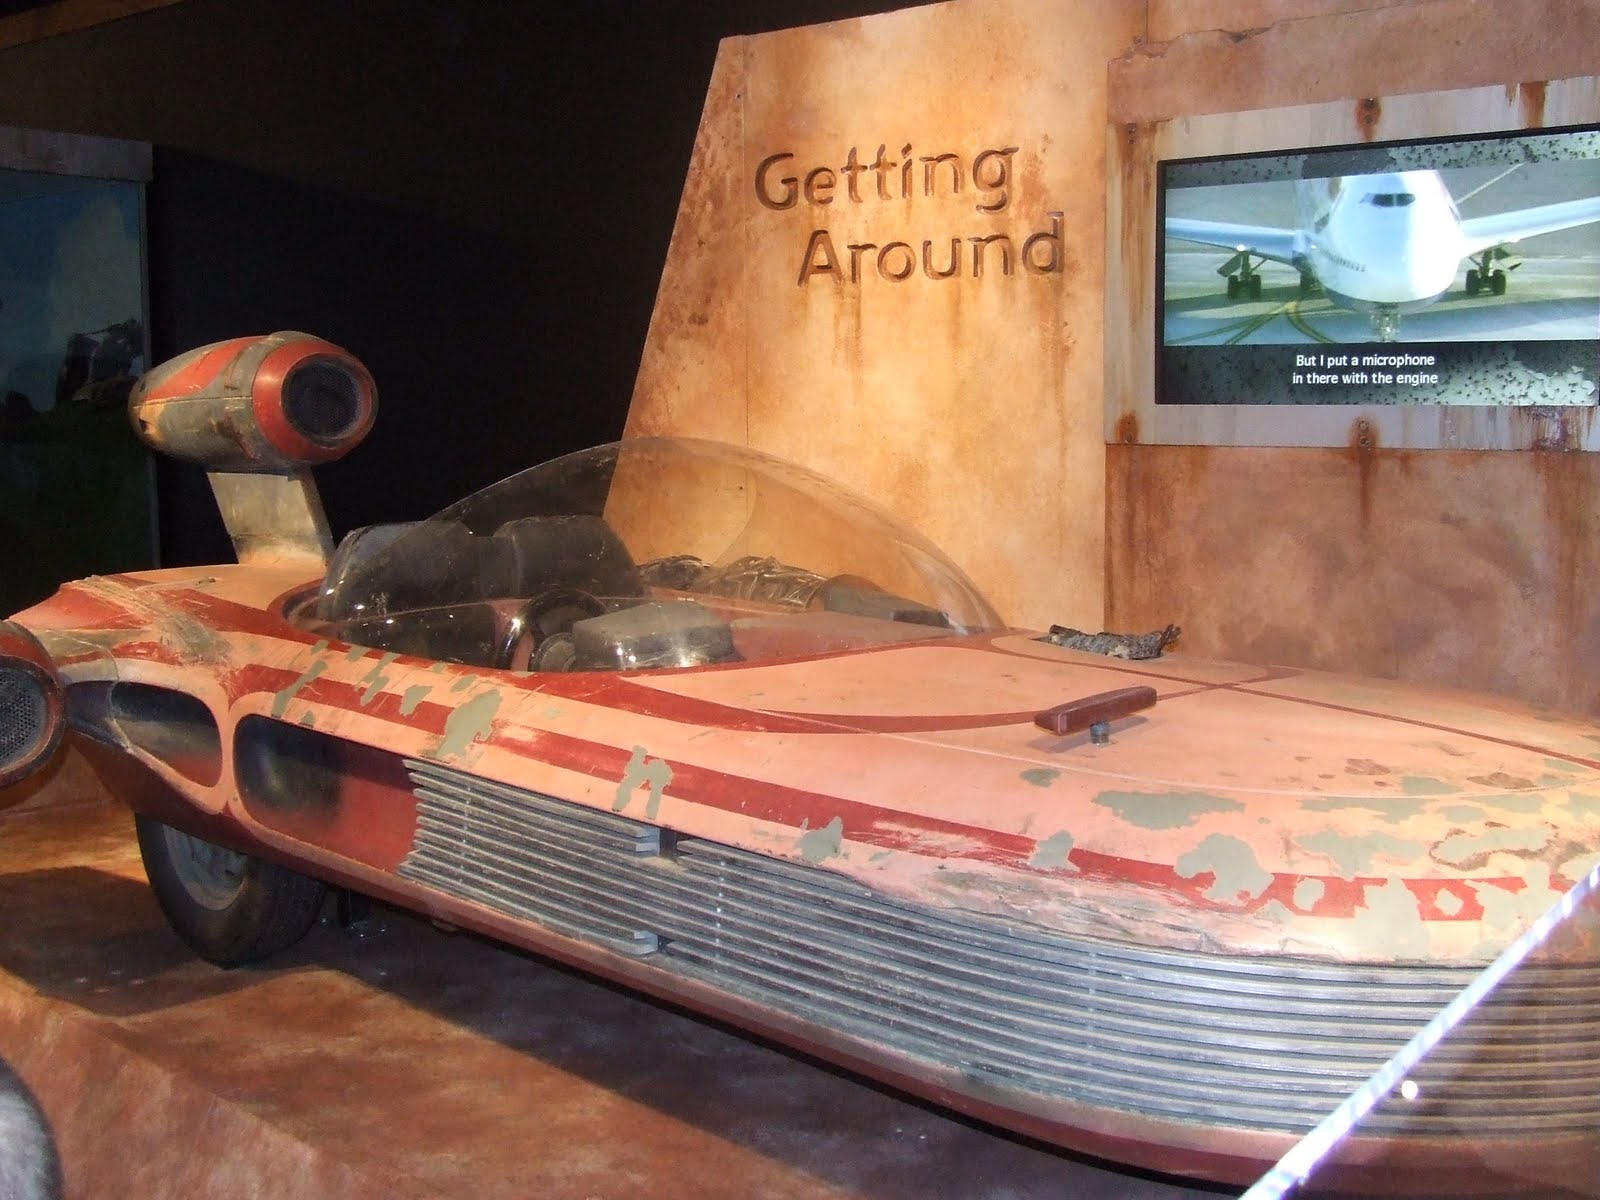 http://4.bp.blogspot.com/-a4h9ZcdH5_8/TgFfZpj3S1I/AAAAAAAABHM/OiuzBiouKmU/s1600/Star+Wars+Exhibit+004.JPG